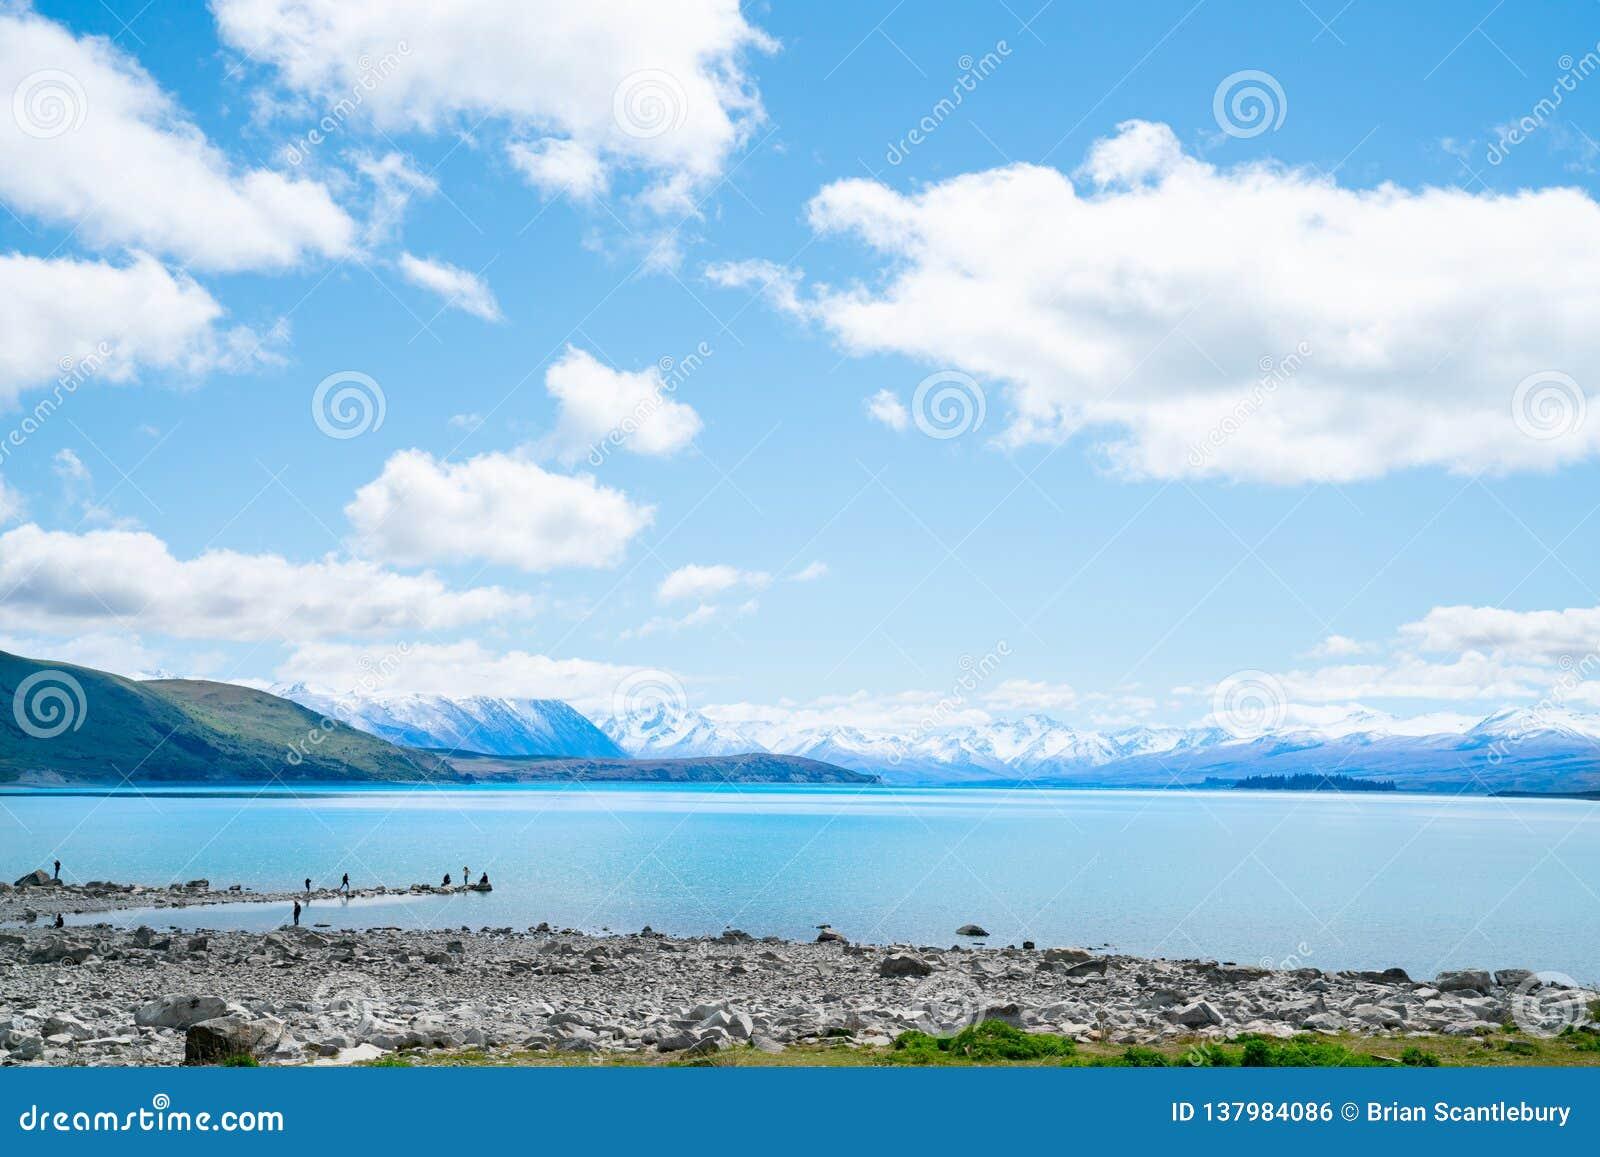 Expansivt siktsturkosvatten av sjön Tekapo med snö-korkade sydliga fjällängar bakom och turister på den steniga strandremsan